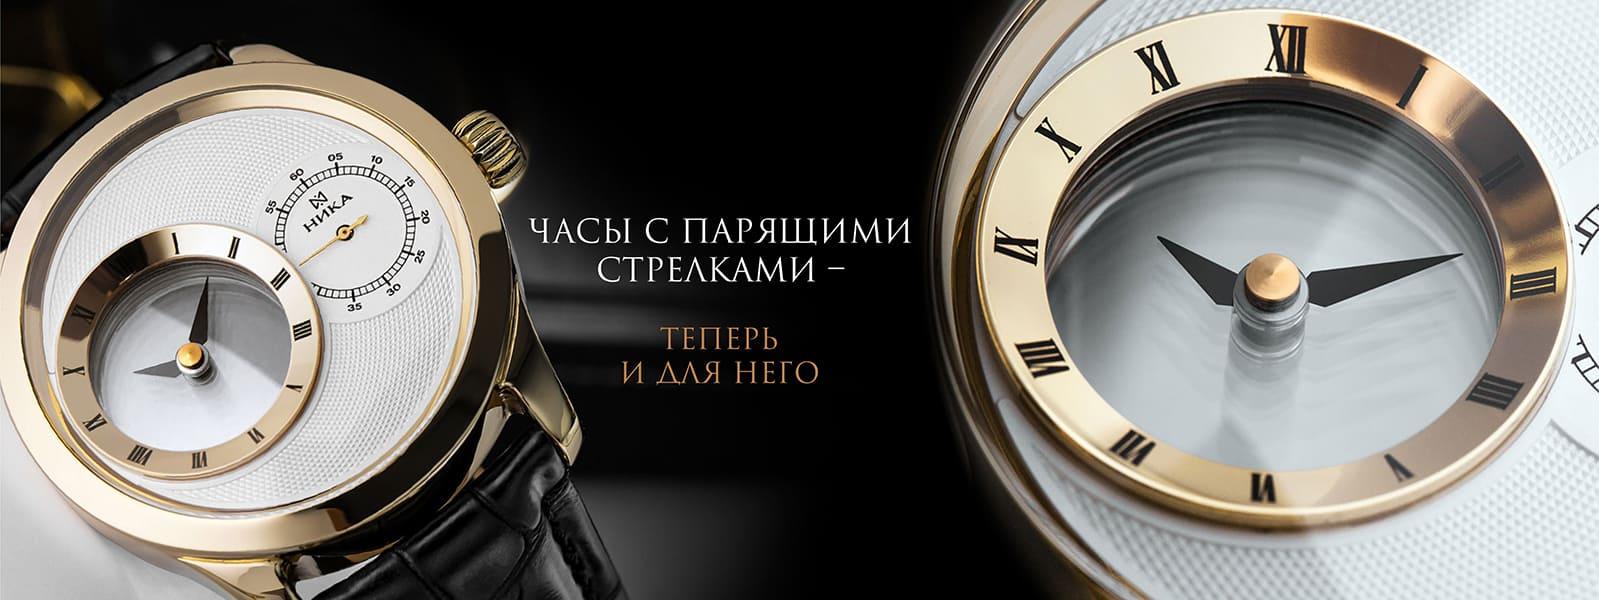 Часов саратове ломбард в часы стоимость apple